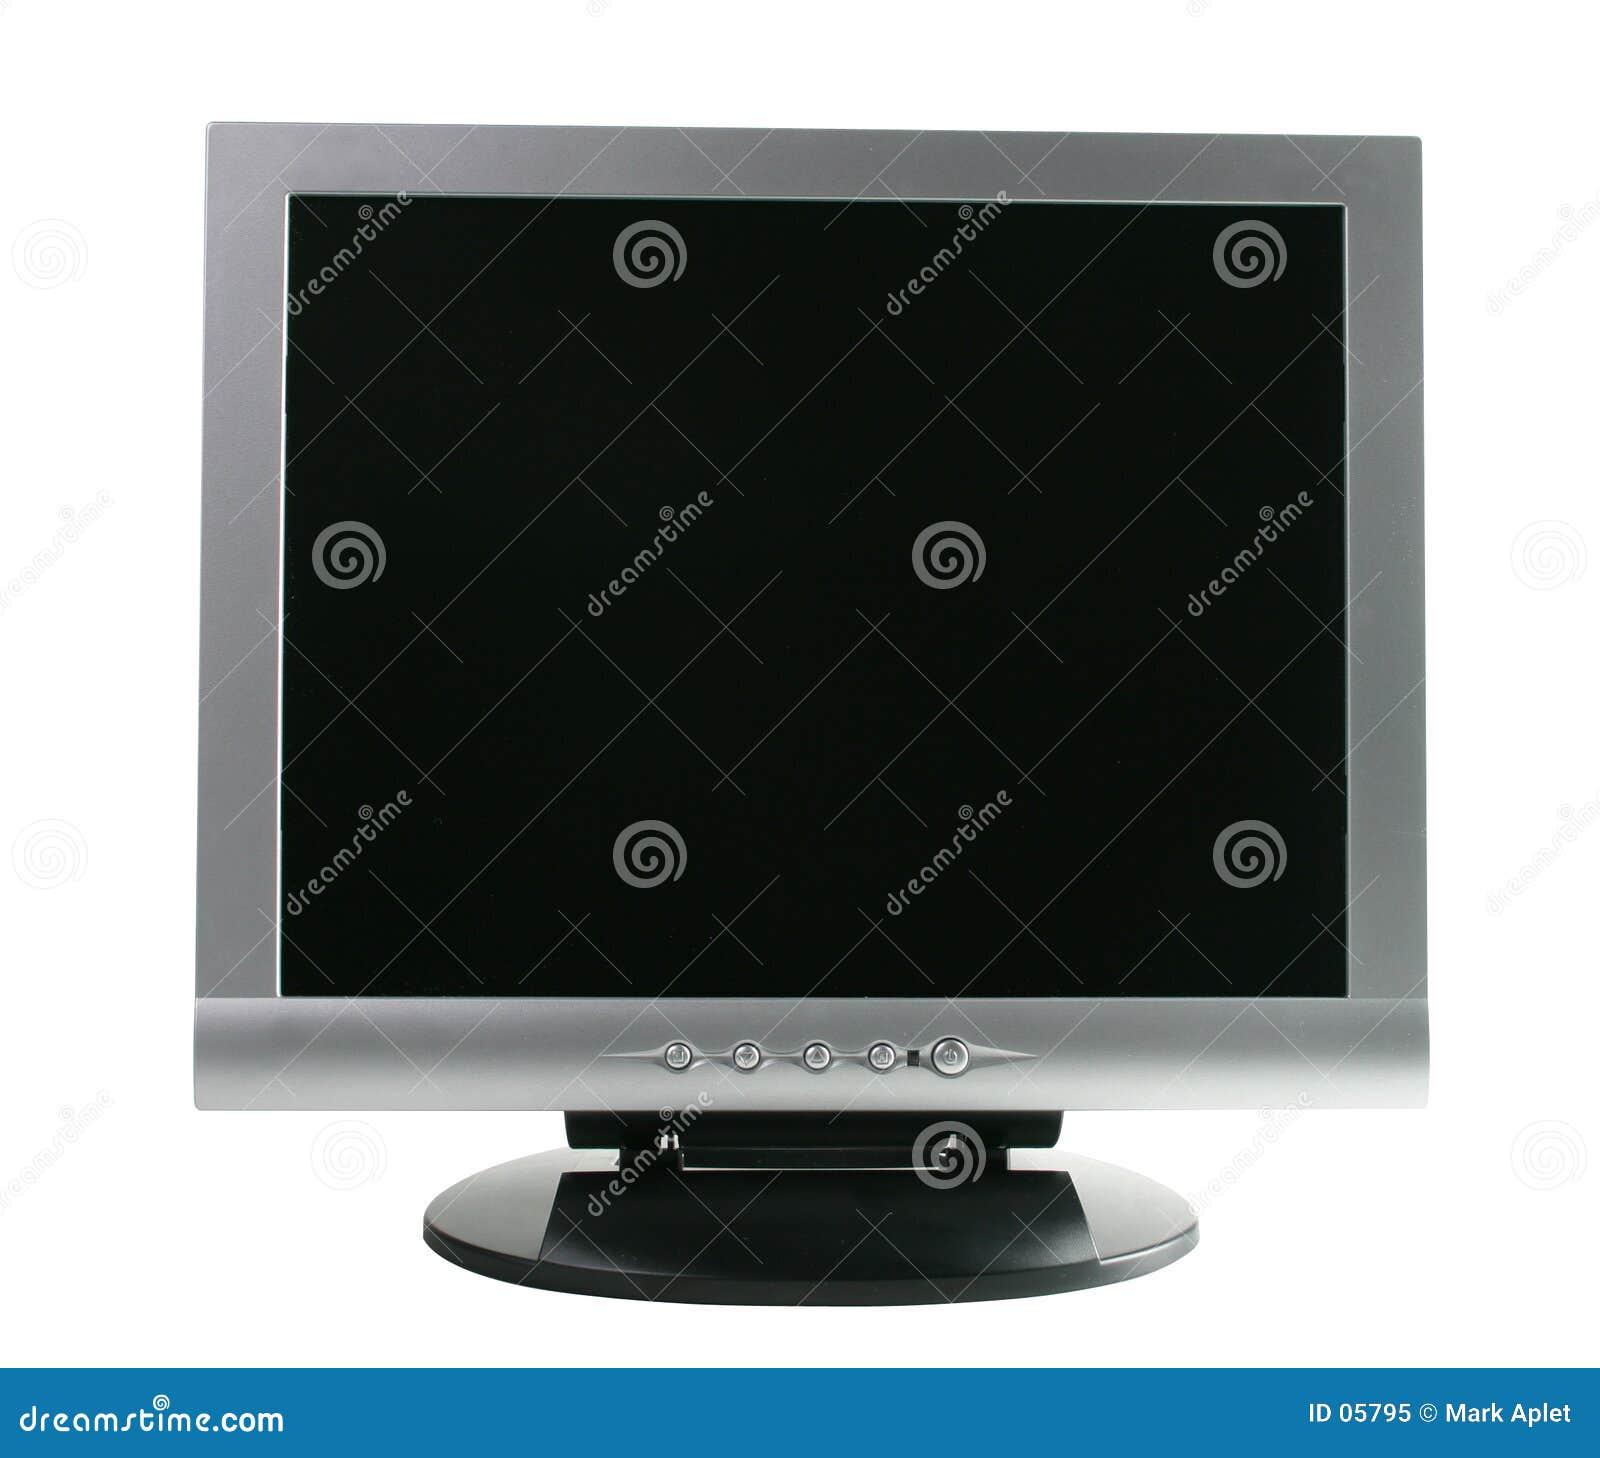 μηνύτορας 2 LCD